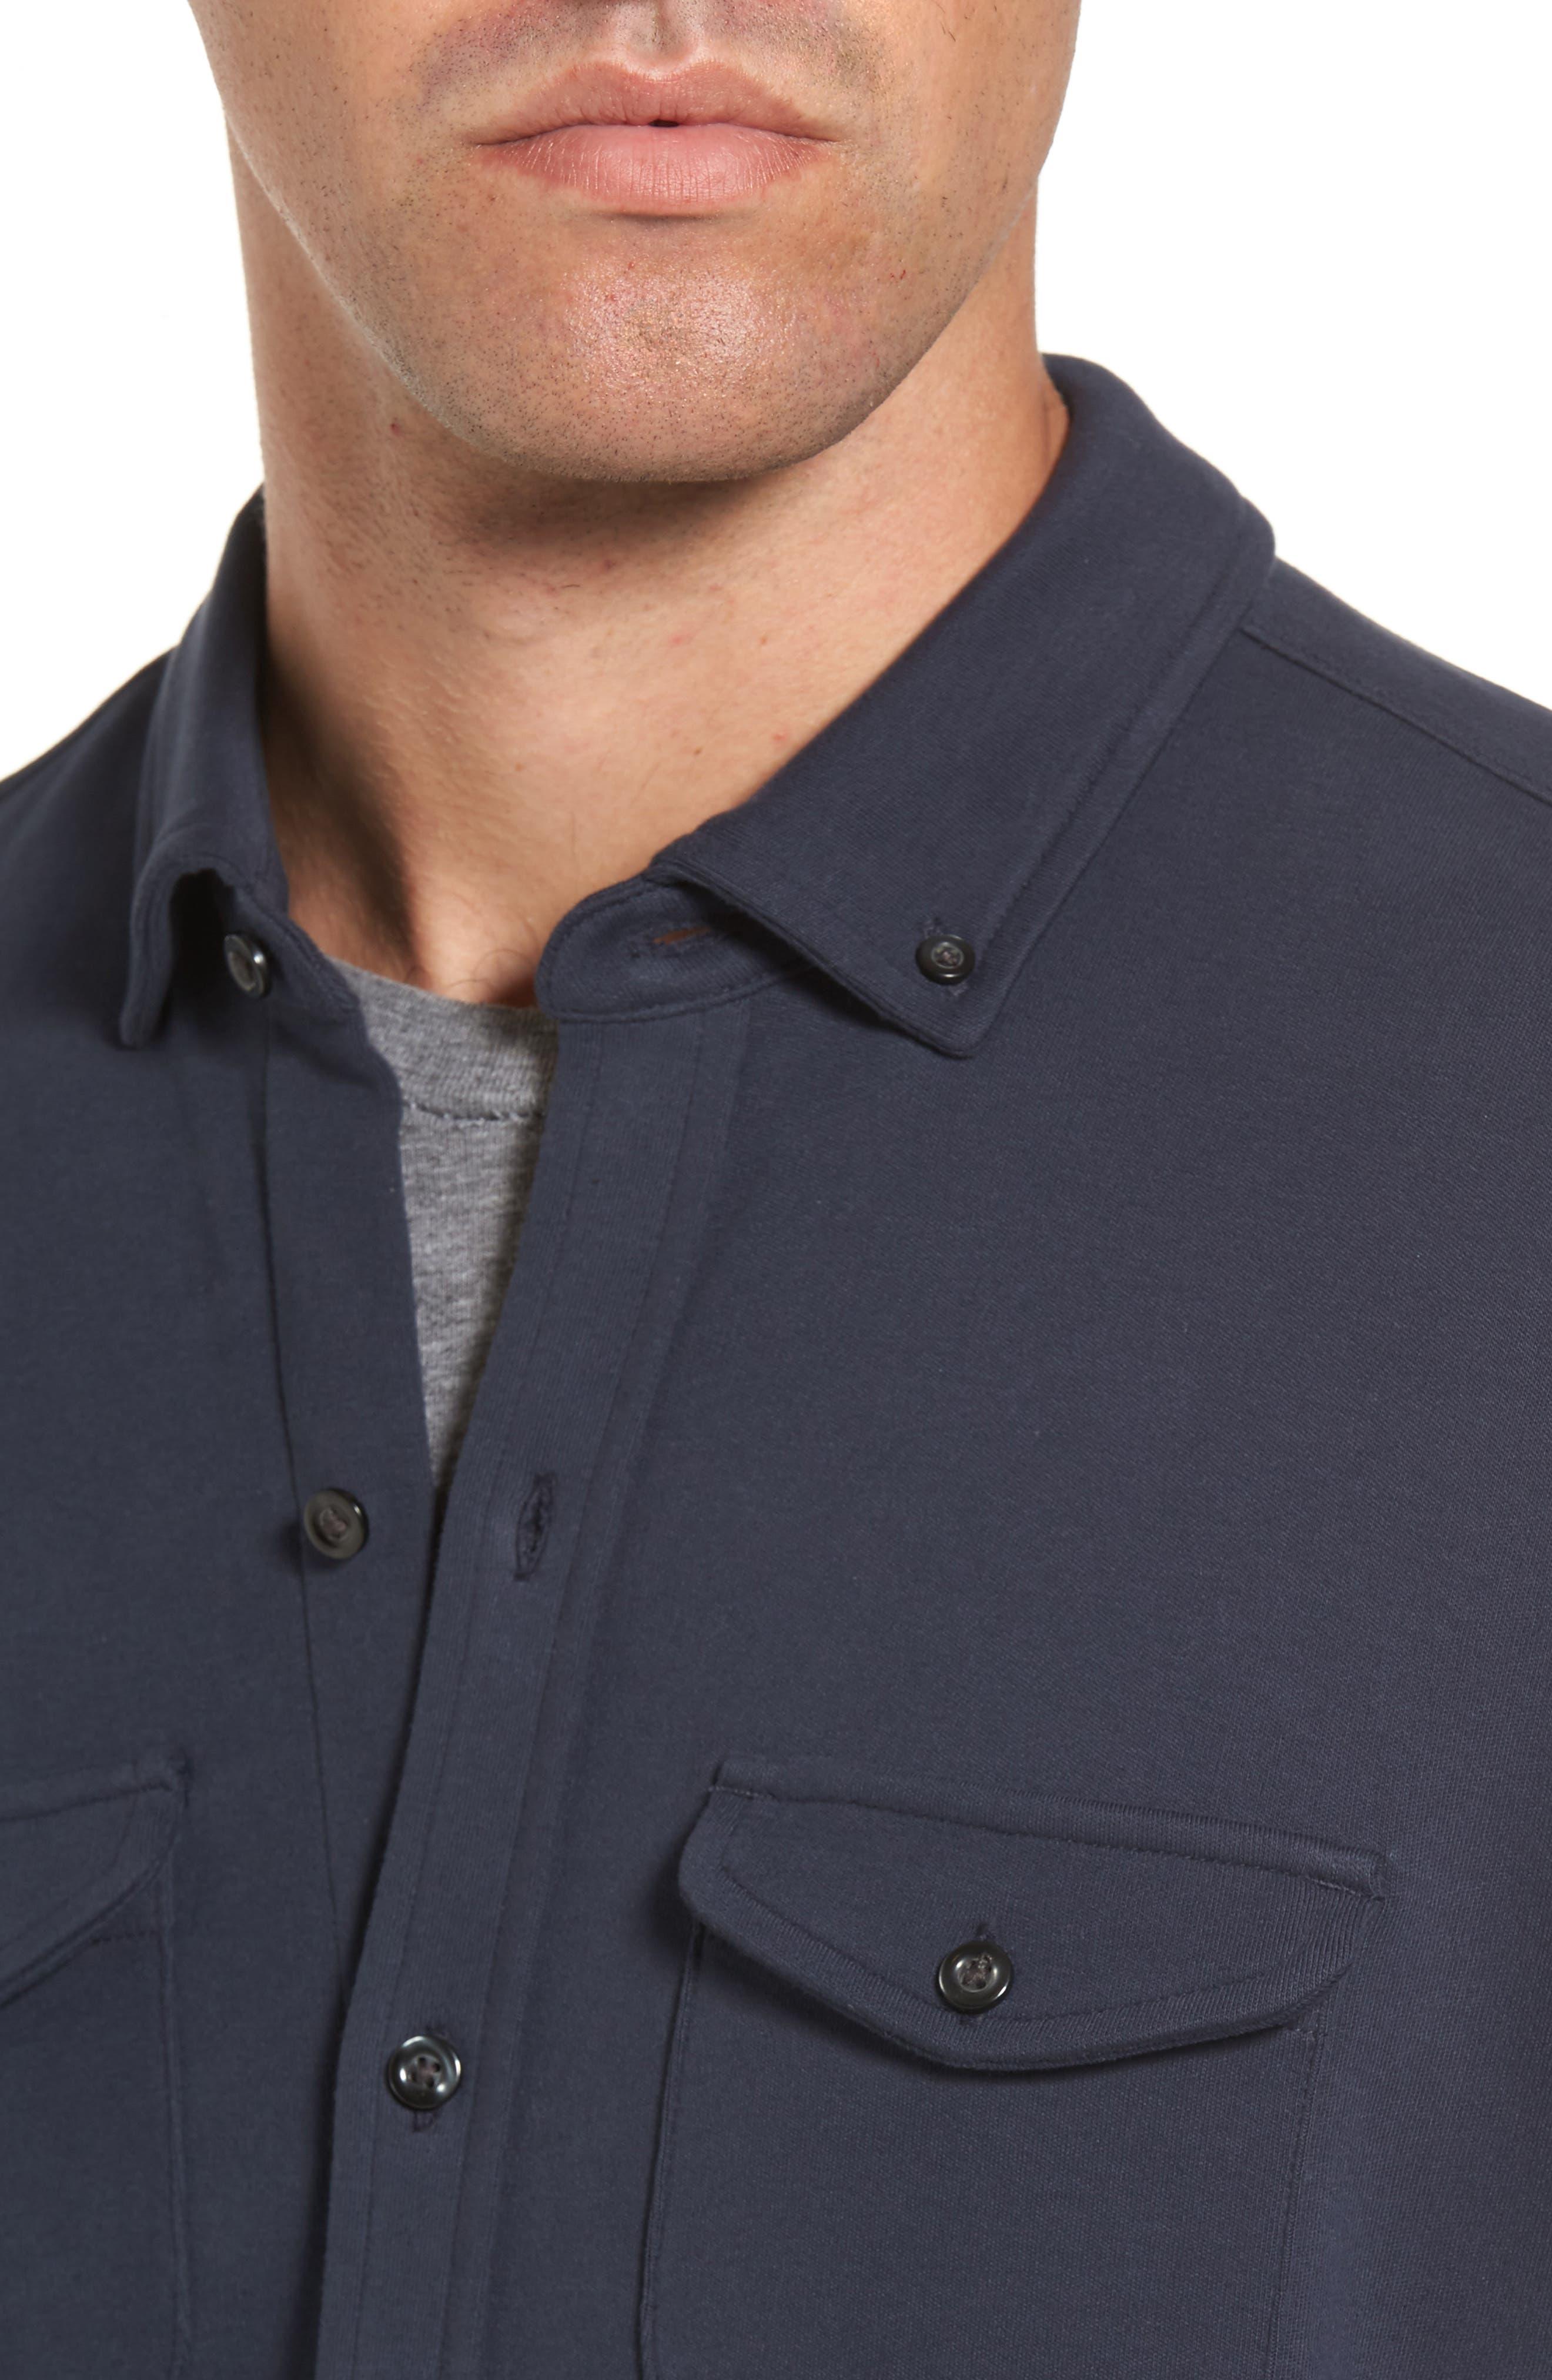 Trim Fit Pima Cotton Knit Sport Shirt,                             Alternate thumbnail 4, color,                             410